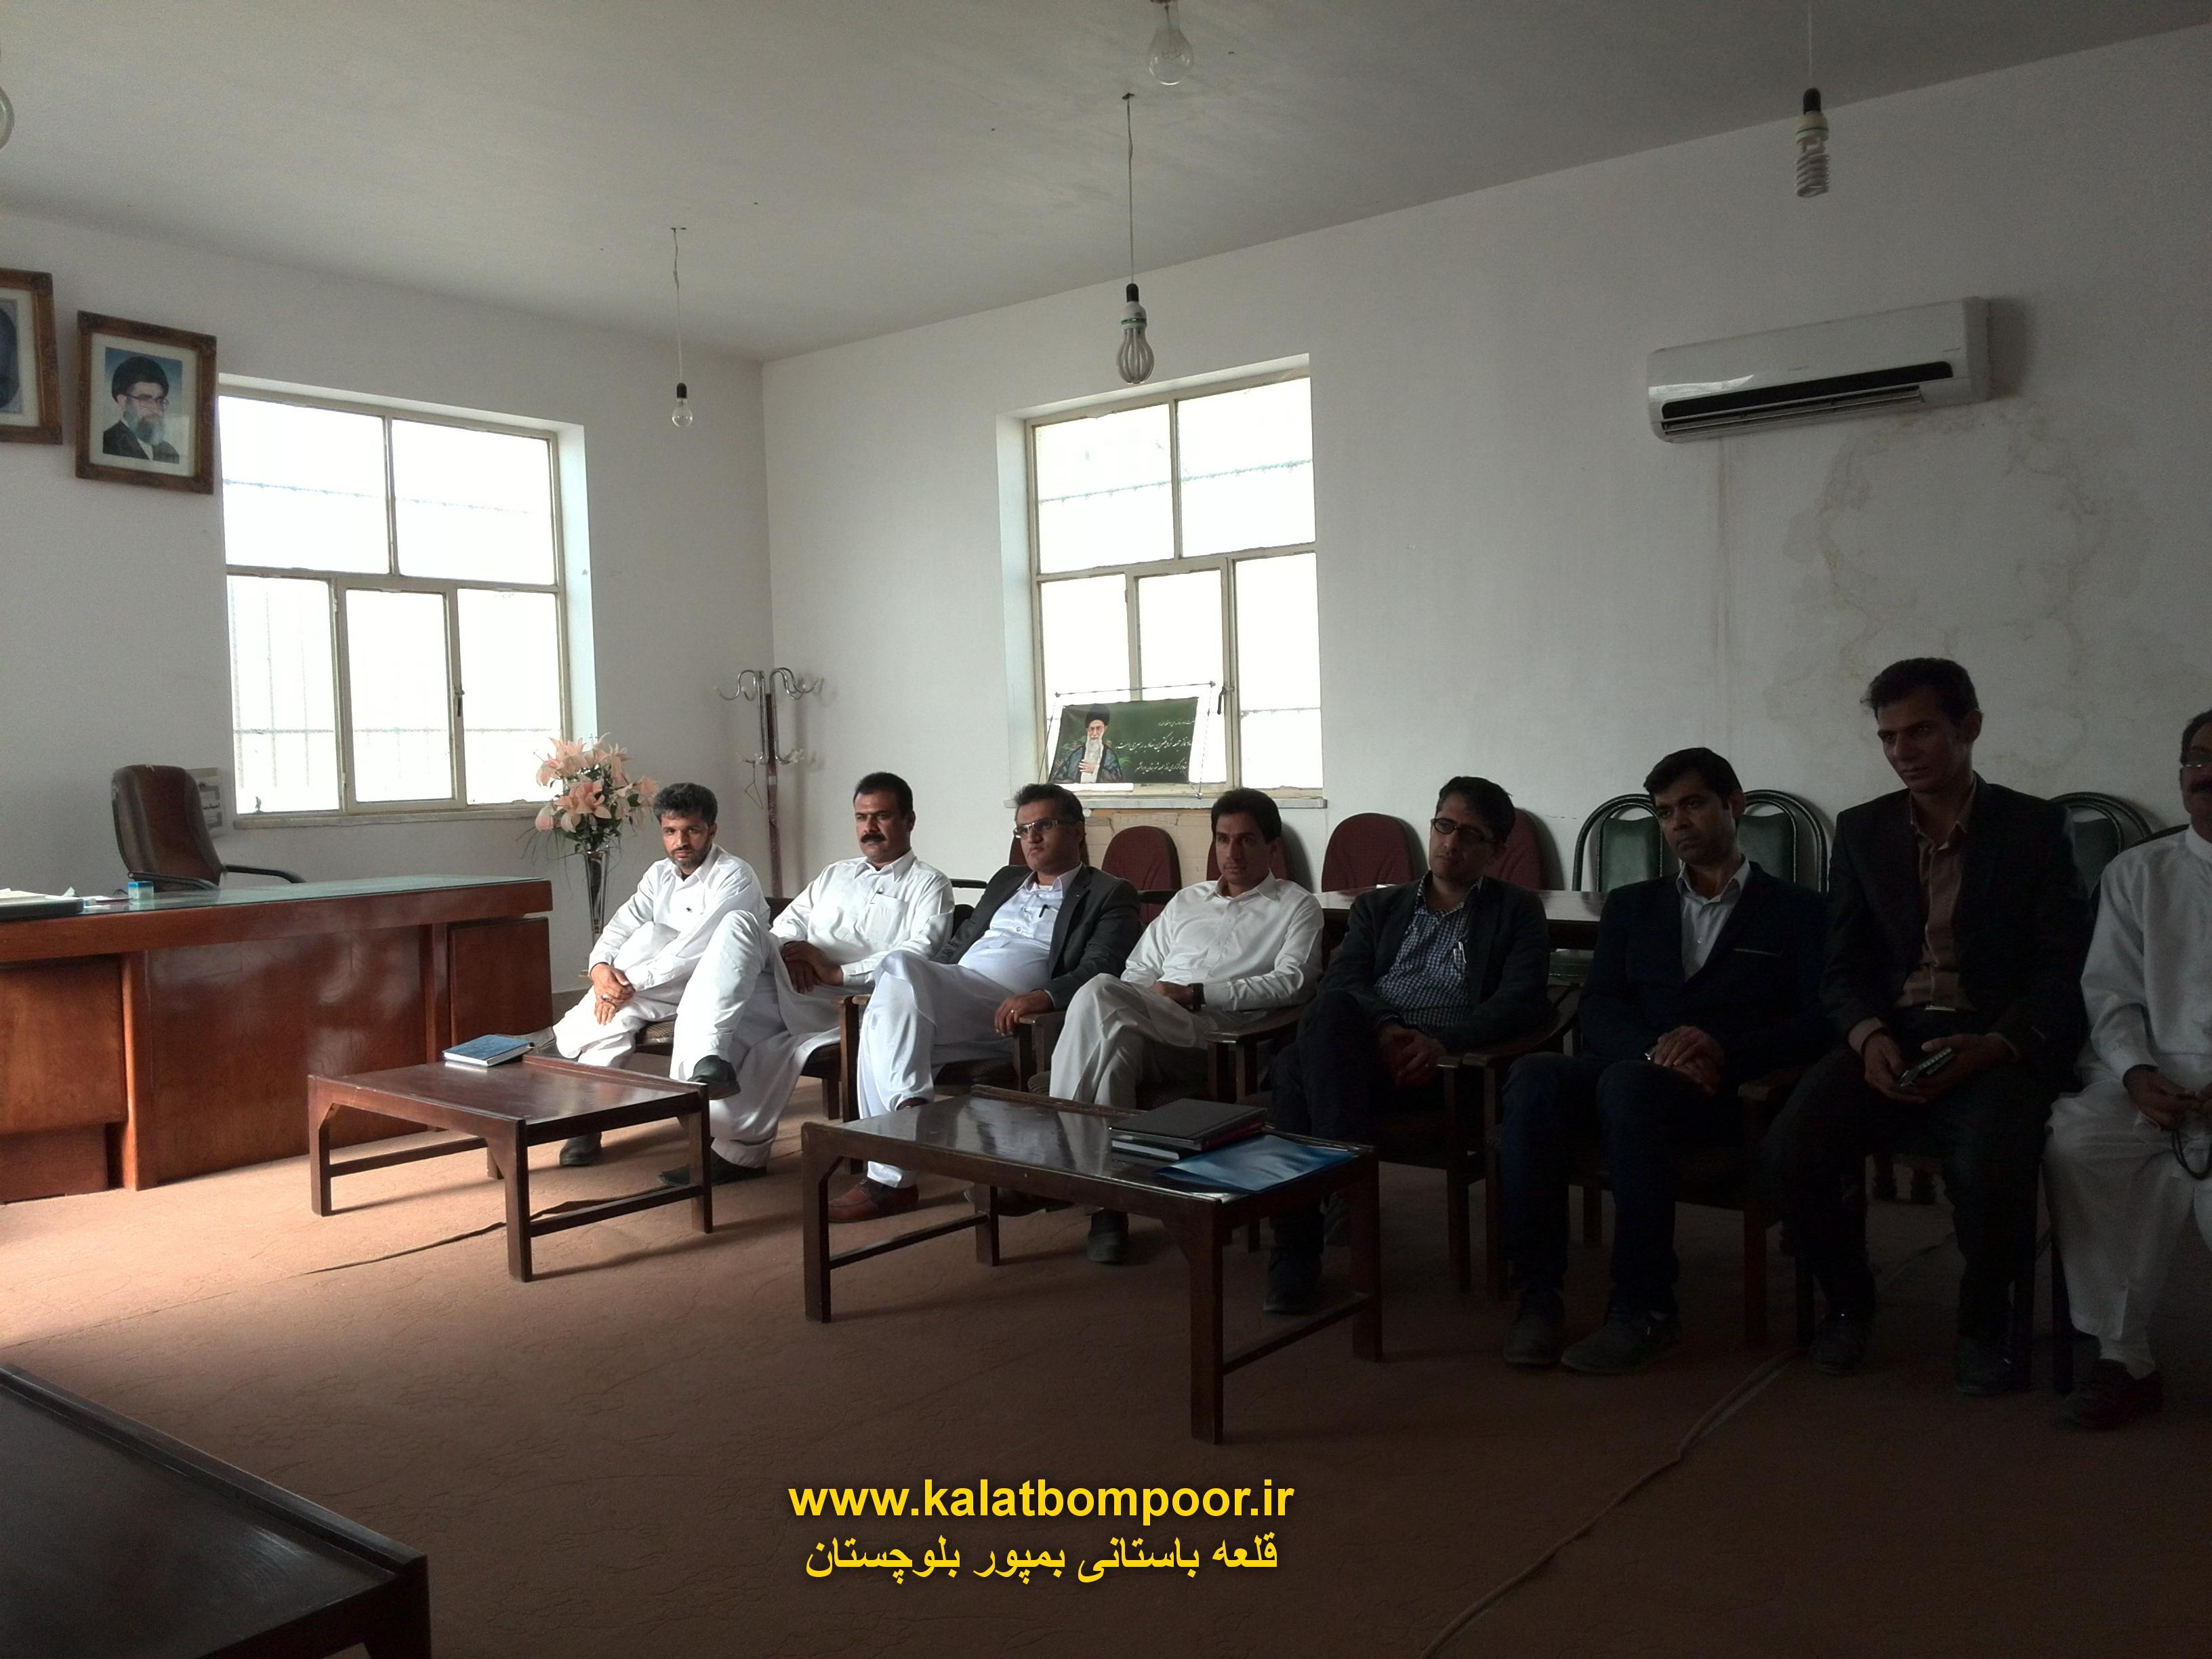 گزارش تصویری نشست دکتر گوهری با اعضای کمپین حامیان قلعه بمپور